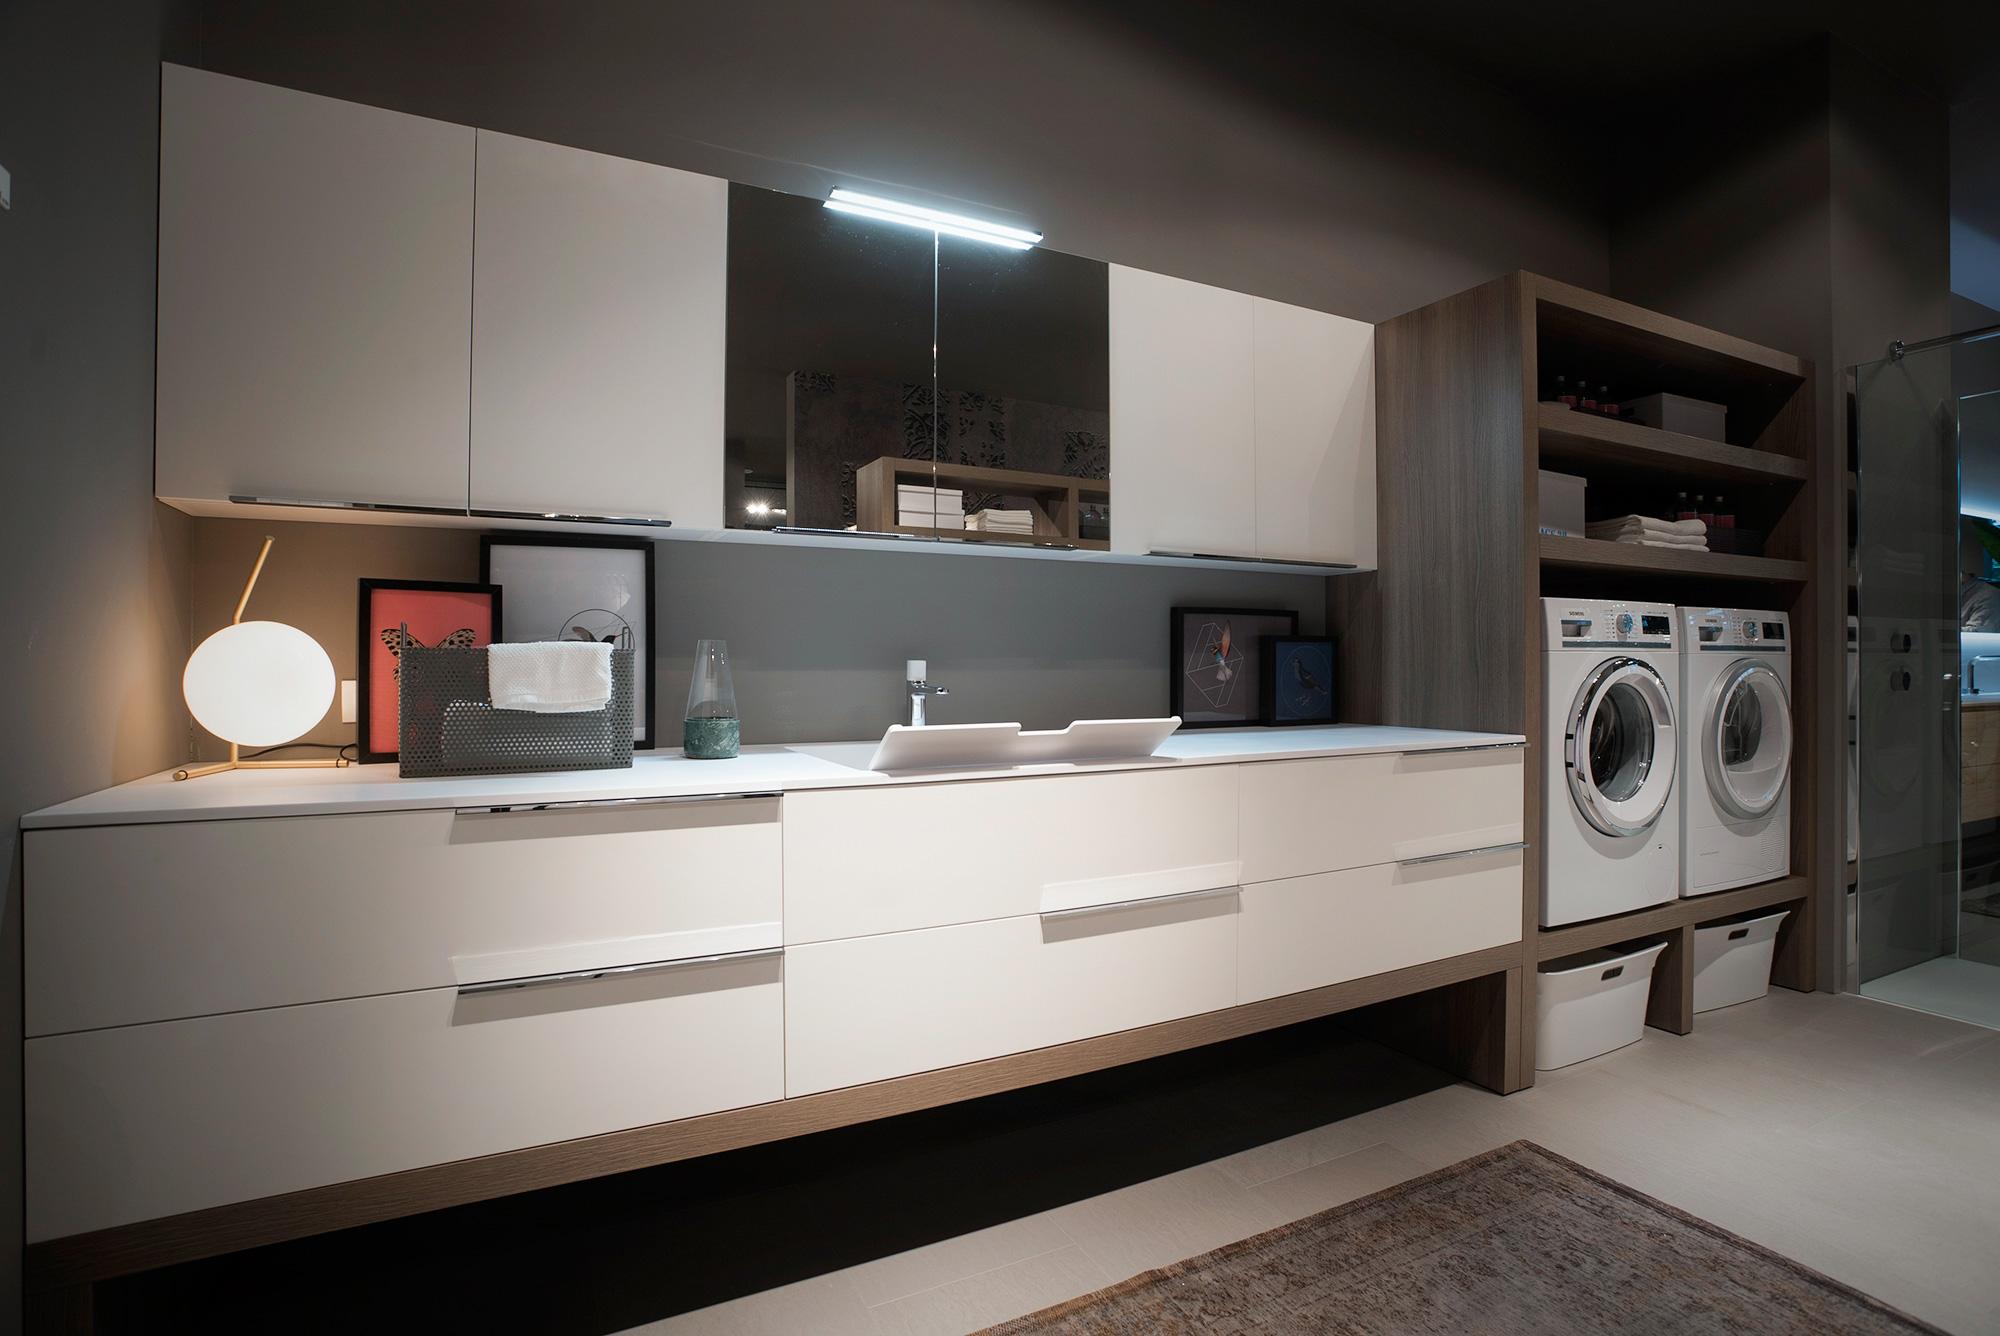 Ottimizzare gli spazi come arredare un bagno lavanderia